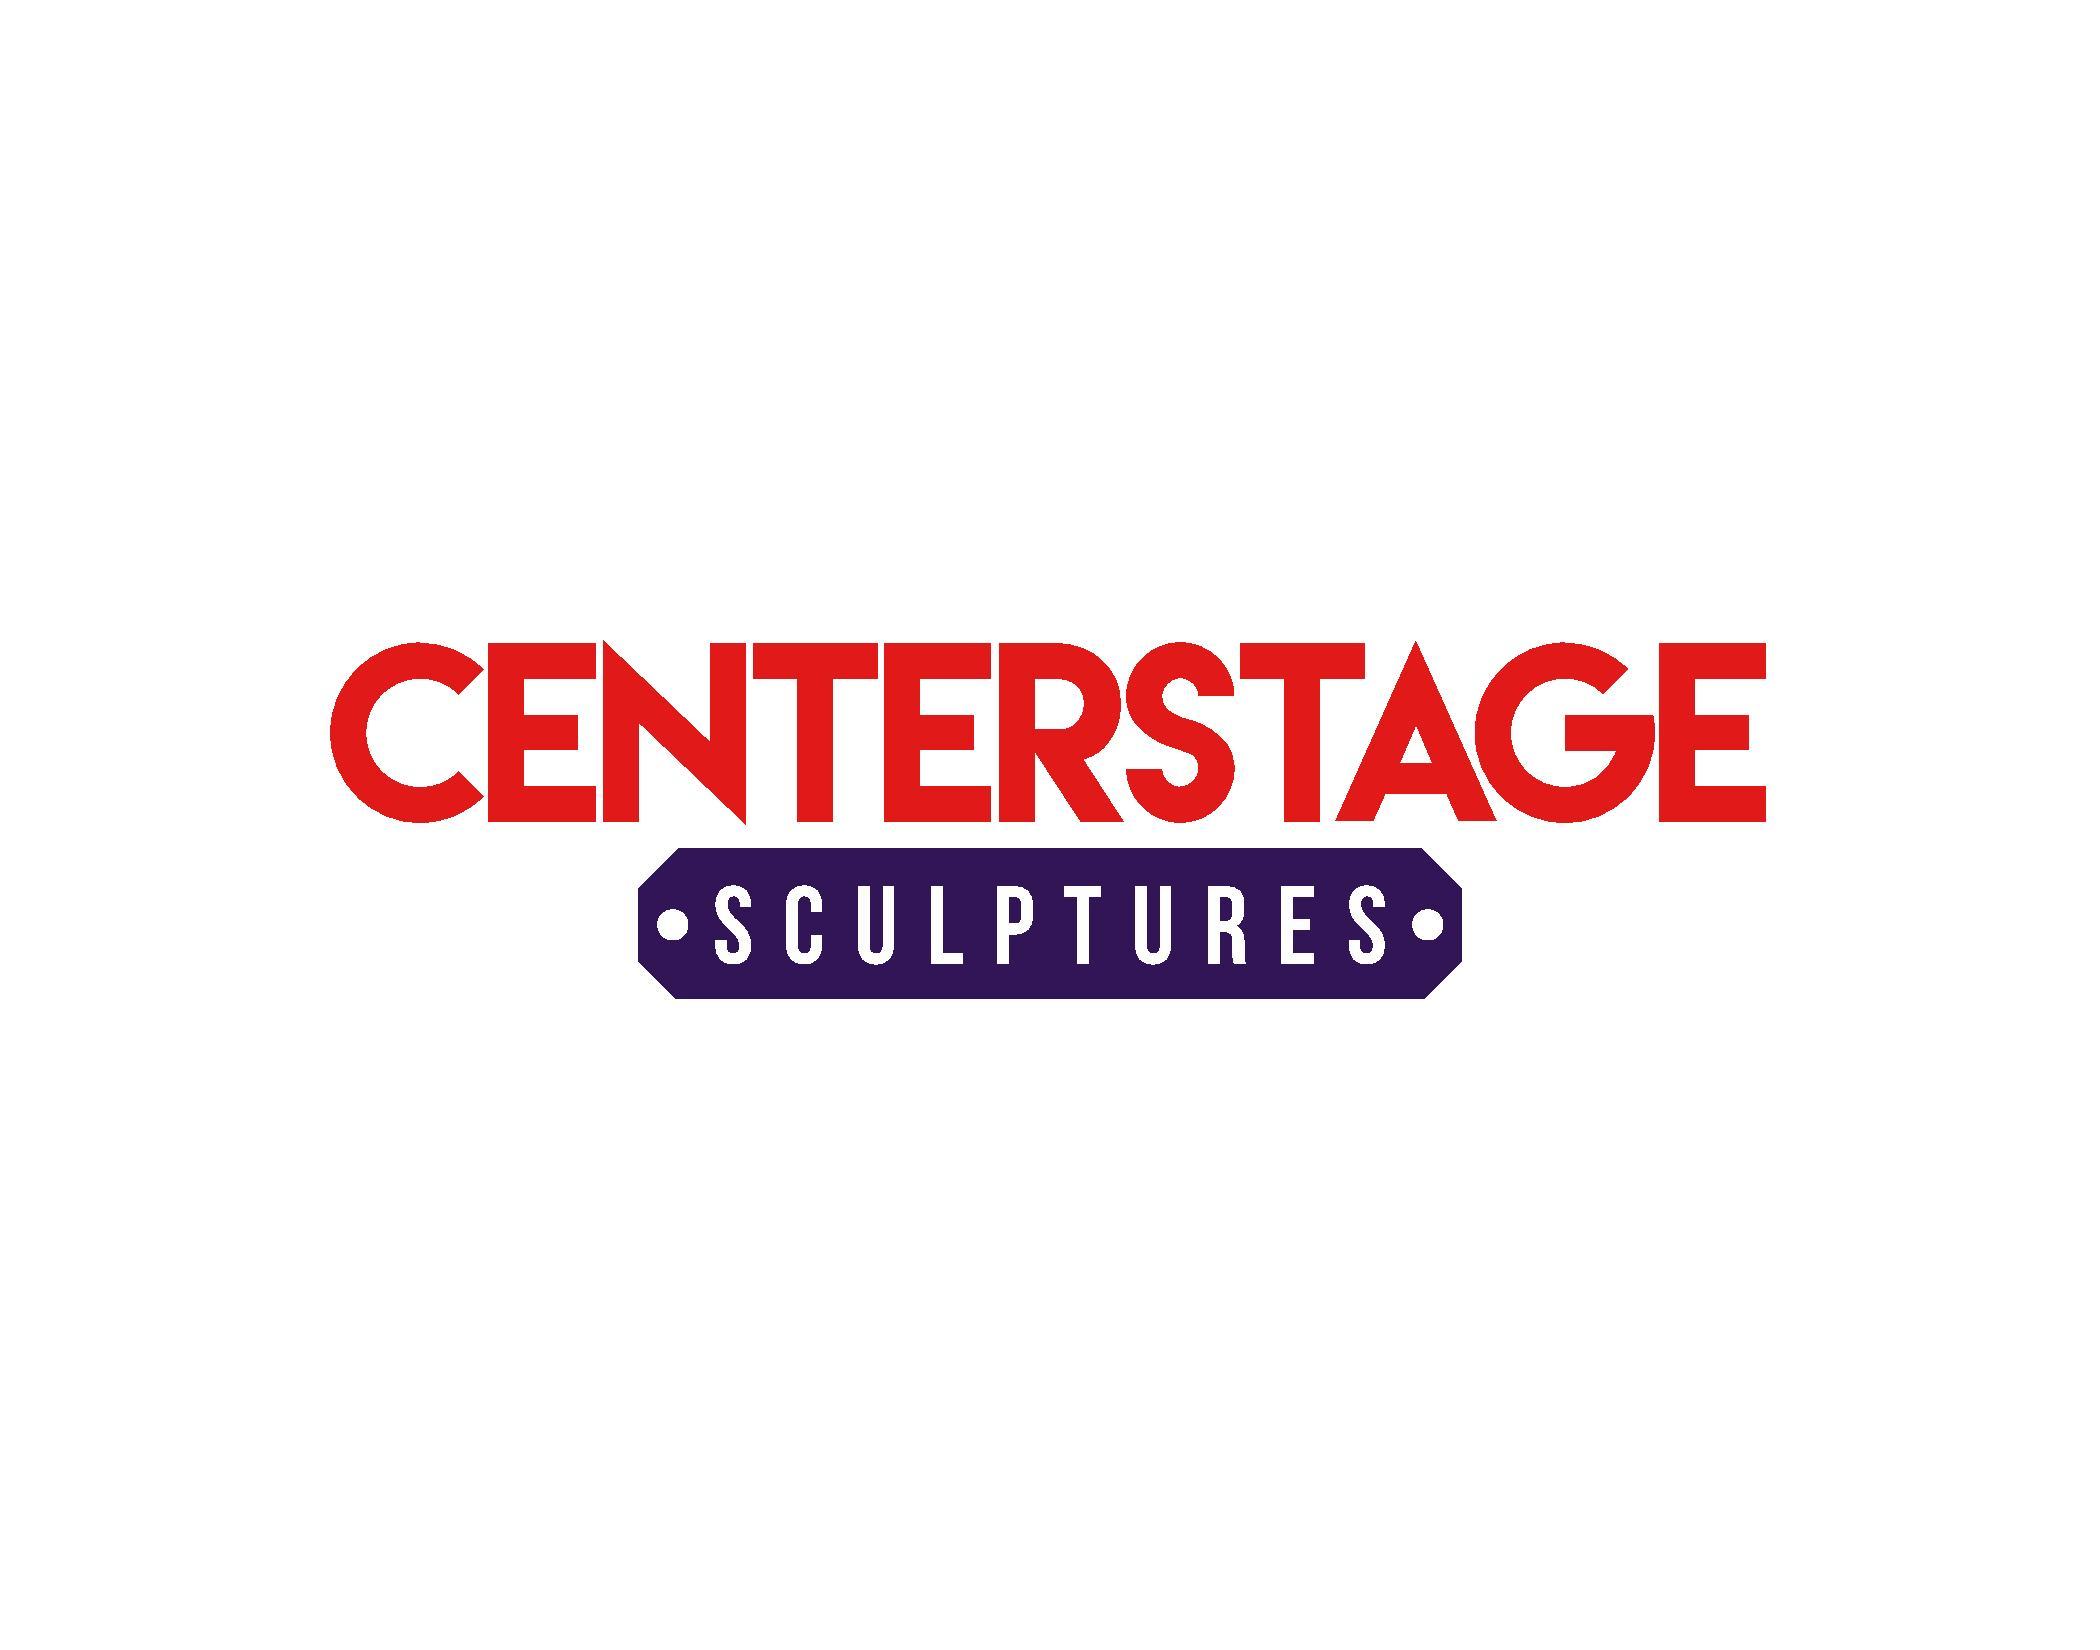 Centerstage Sculptures logo.jpg